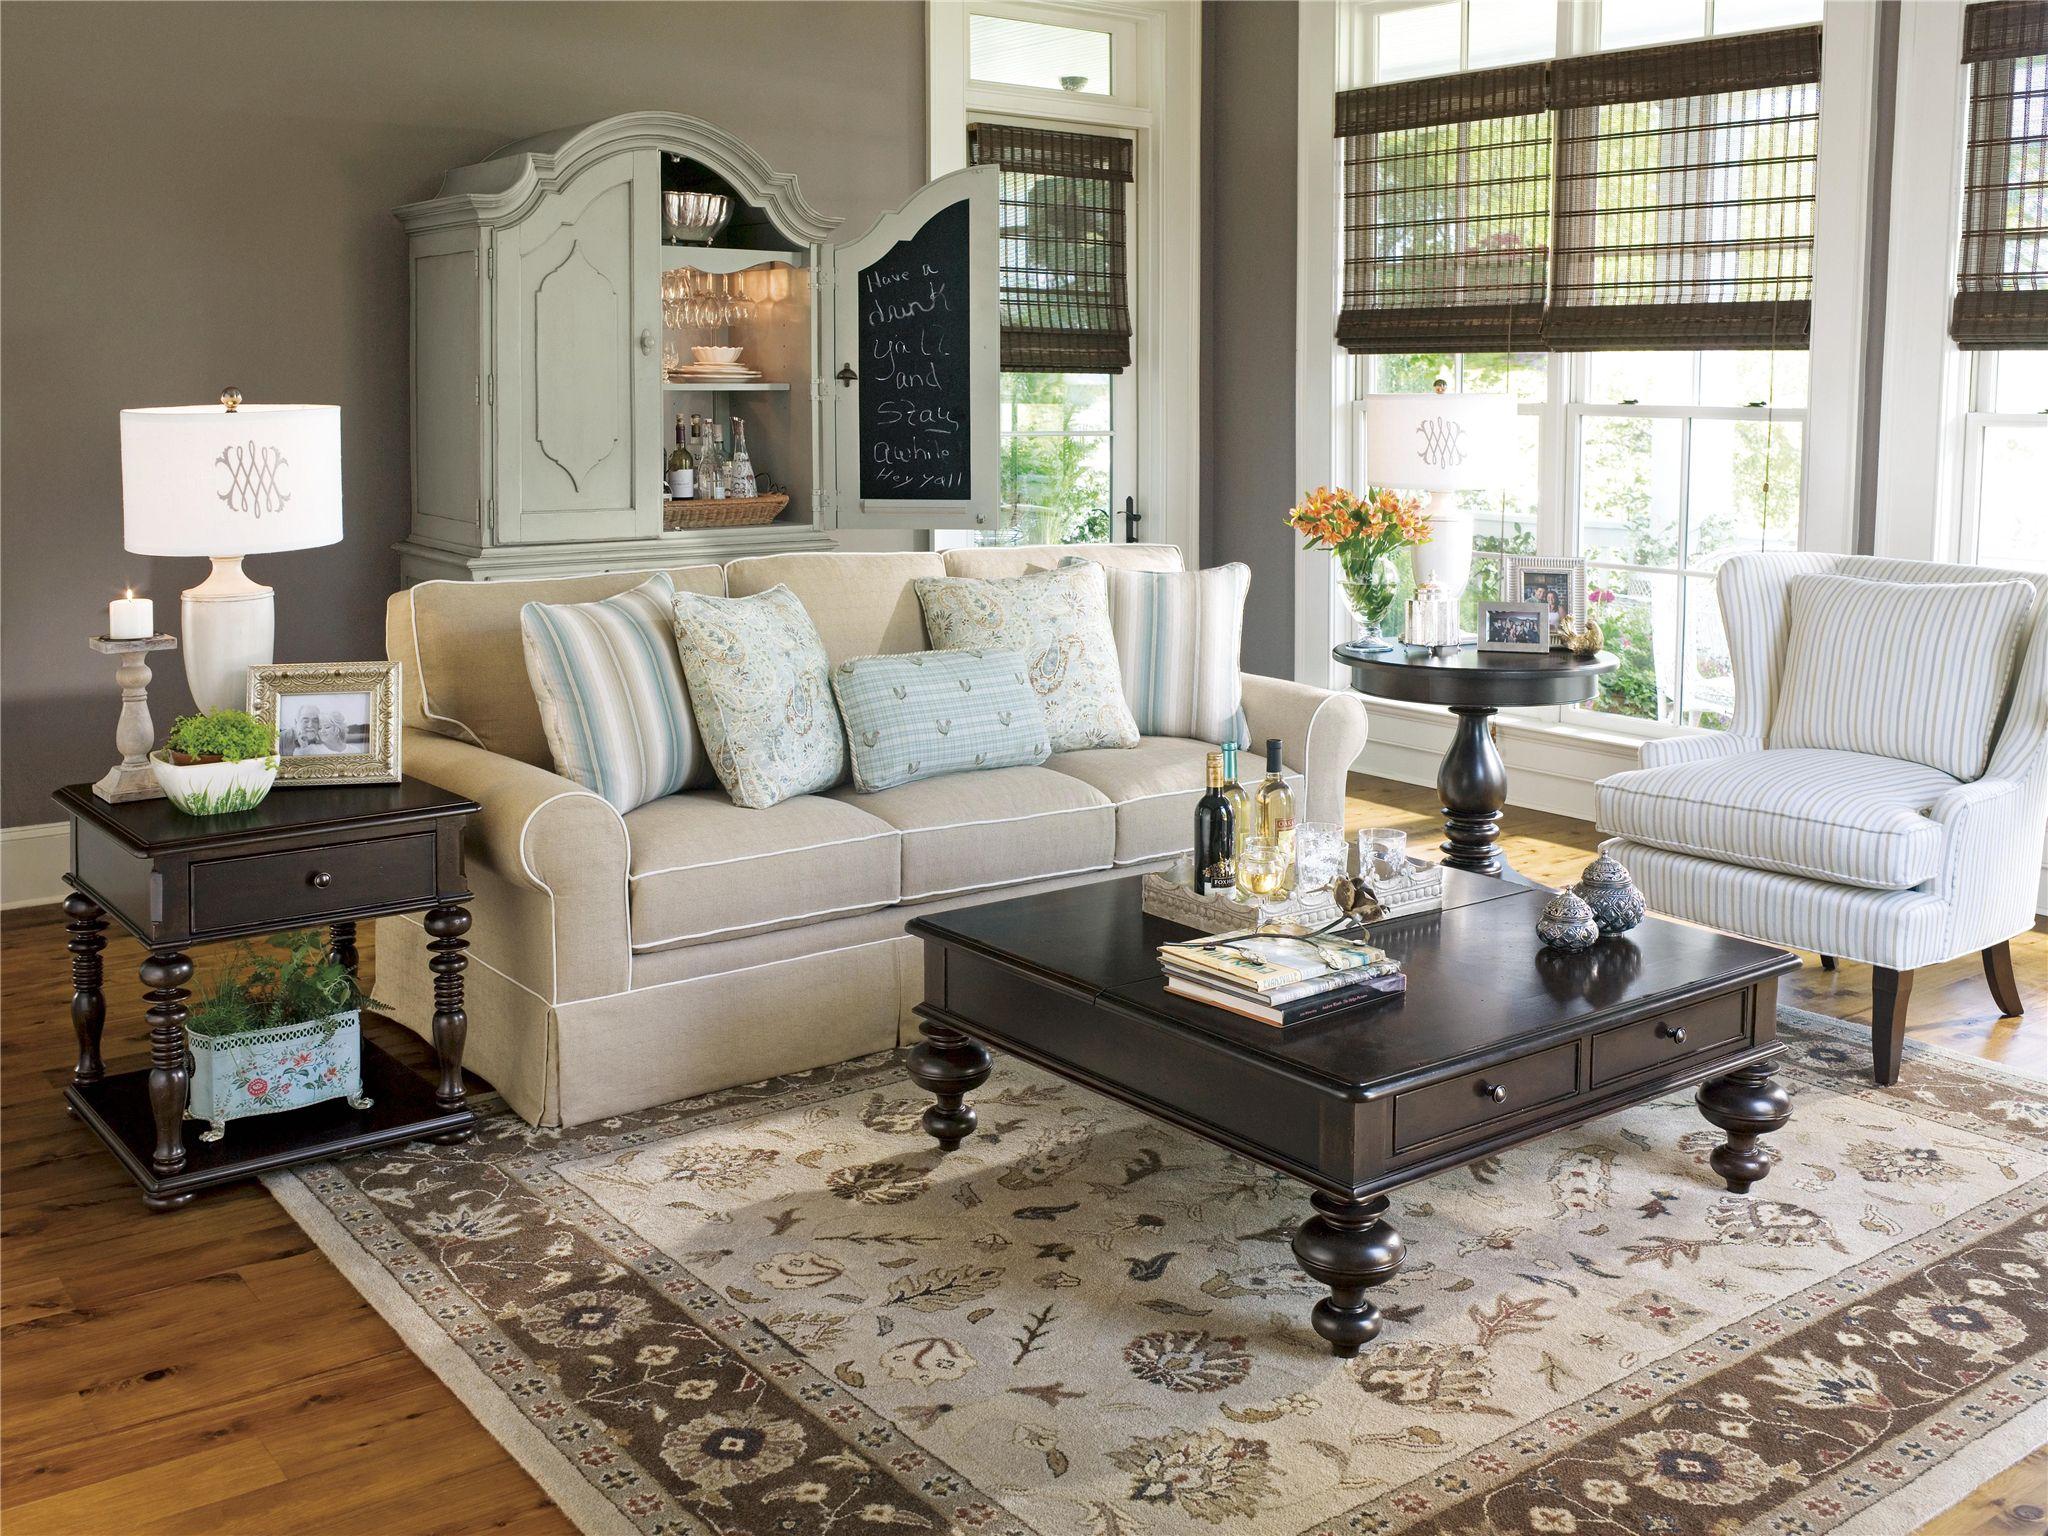 Paula Deen Furniture Collection | Paula Deen Sugar Hill Sofa Group | Paula  Deen Furniture | Pinterest | Paula Deen, Furniture Collection And Midland  Texas